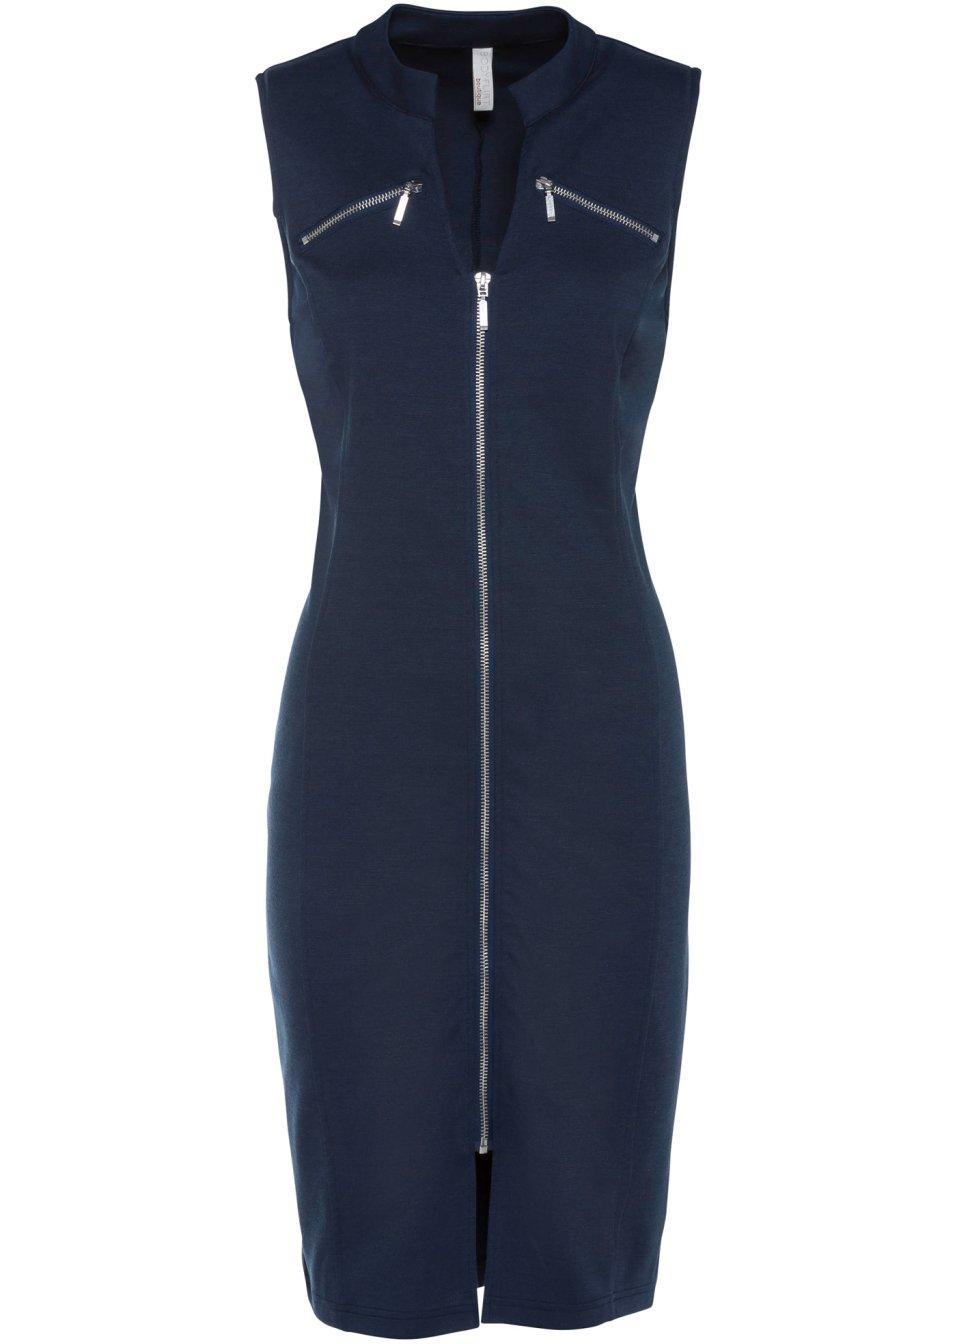 Shirtkleid mit Reißverschluss dunkelblau - BODYFLIRT boutique online kaufen - bonprix.de 1zrUh oeNxf